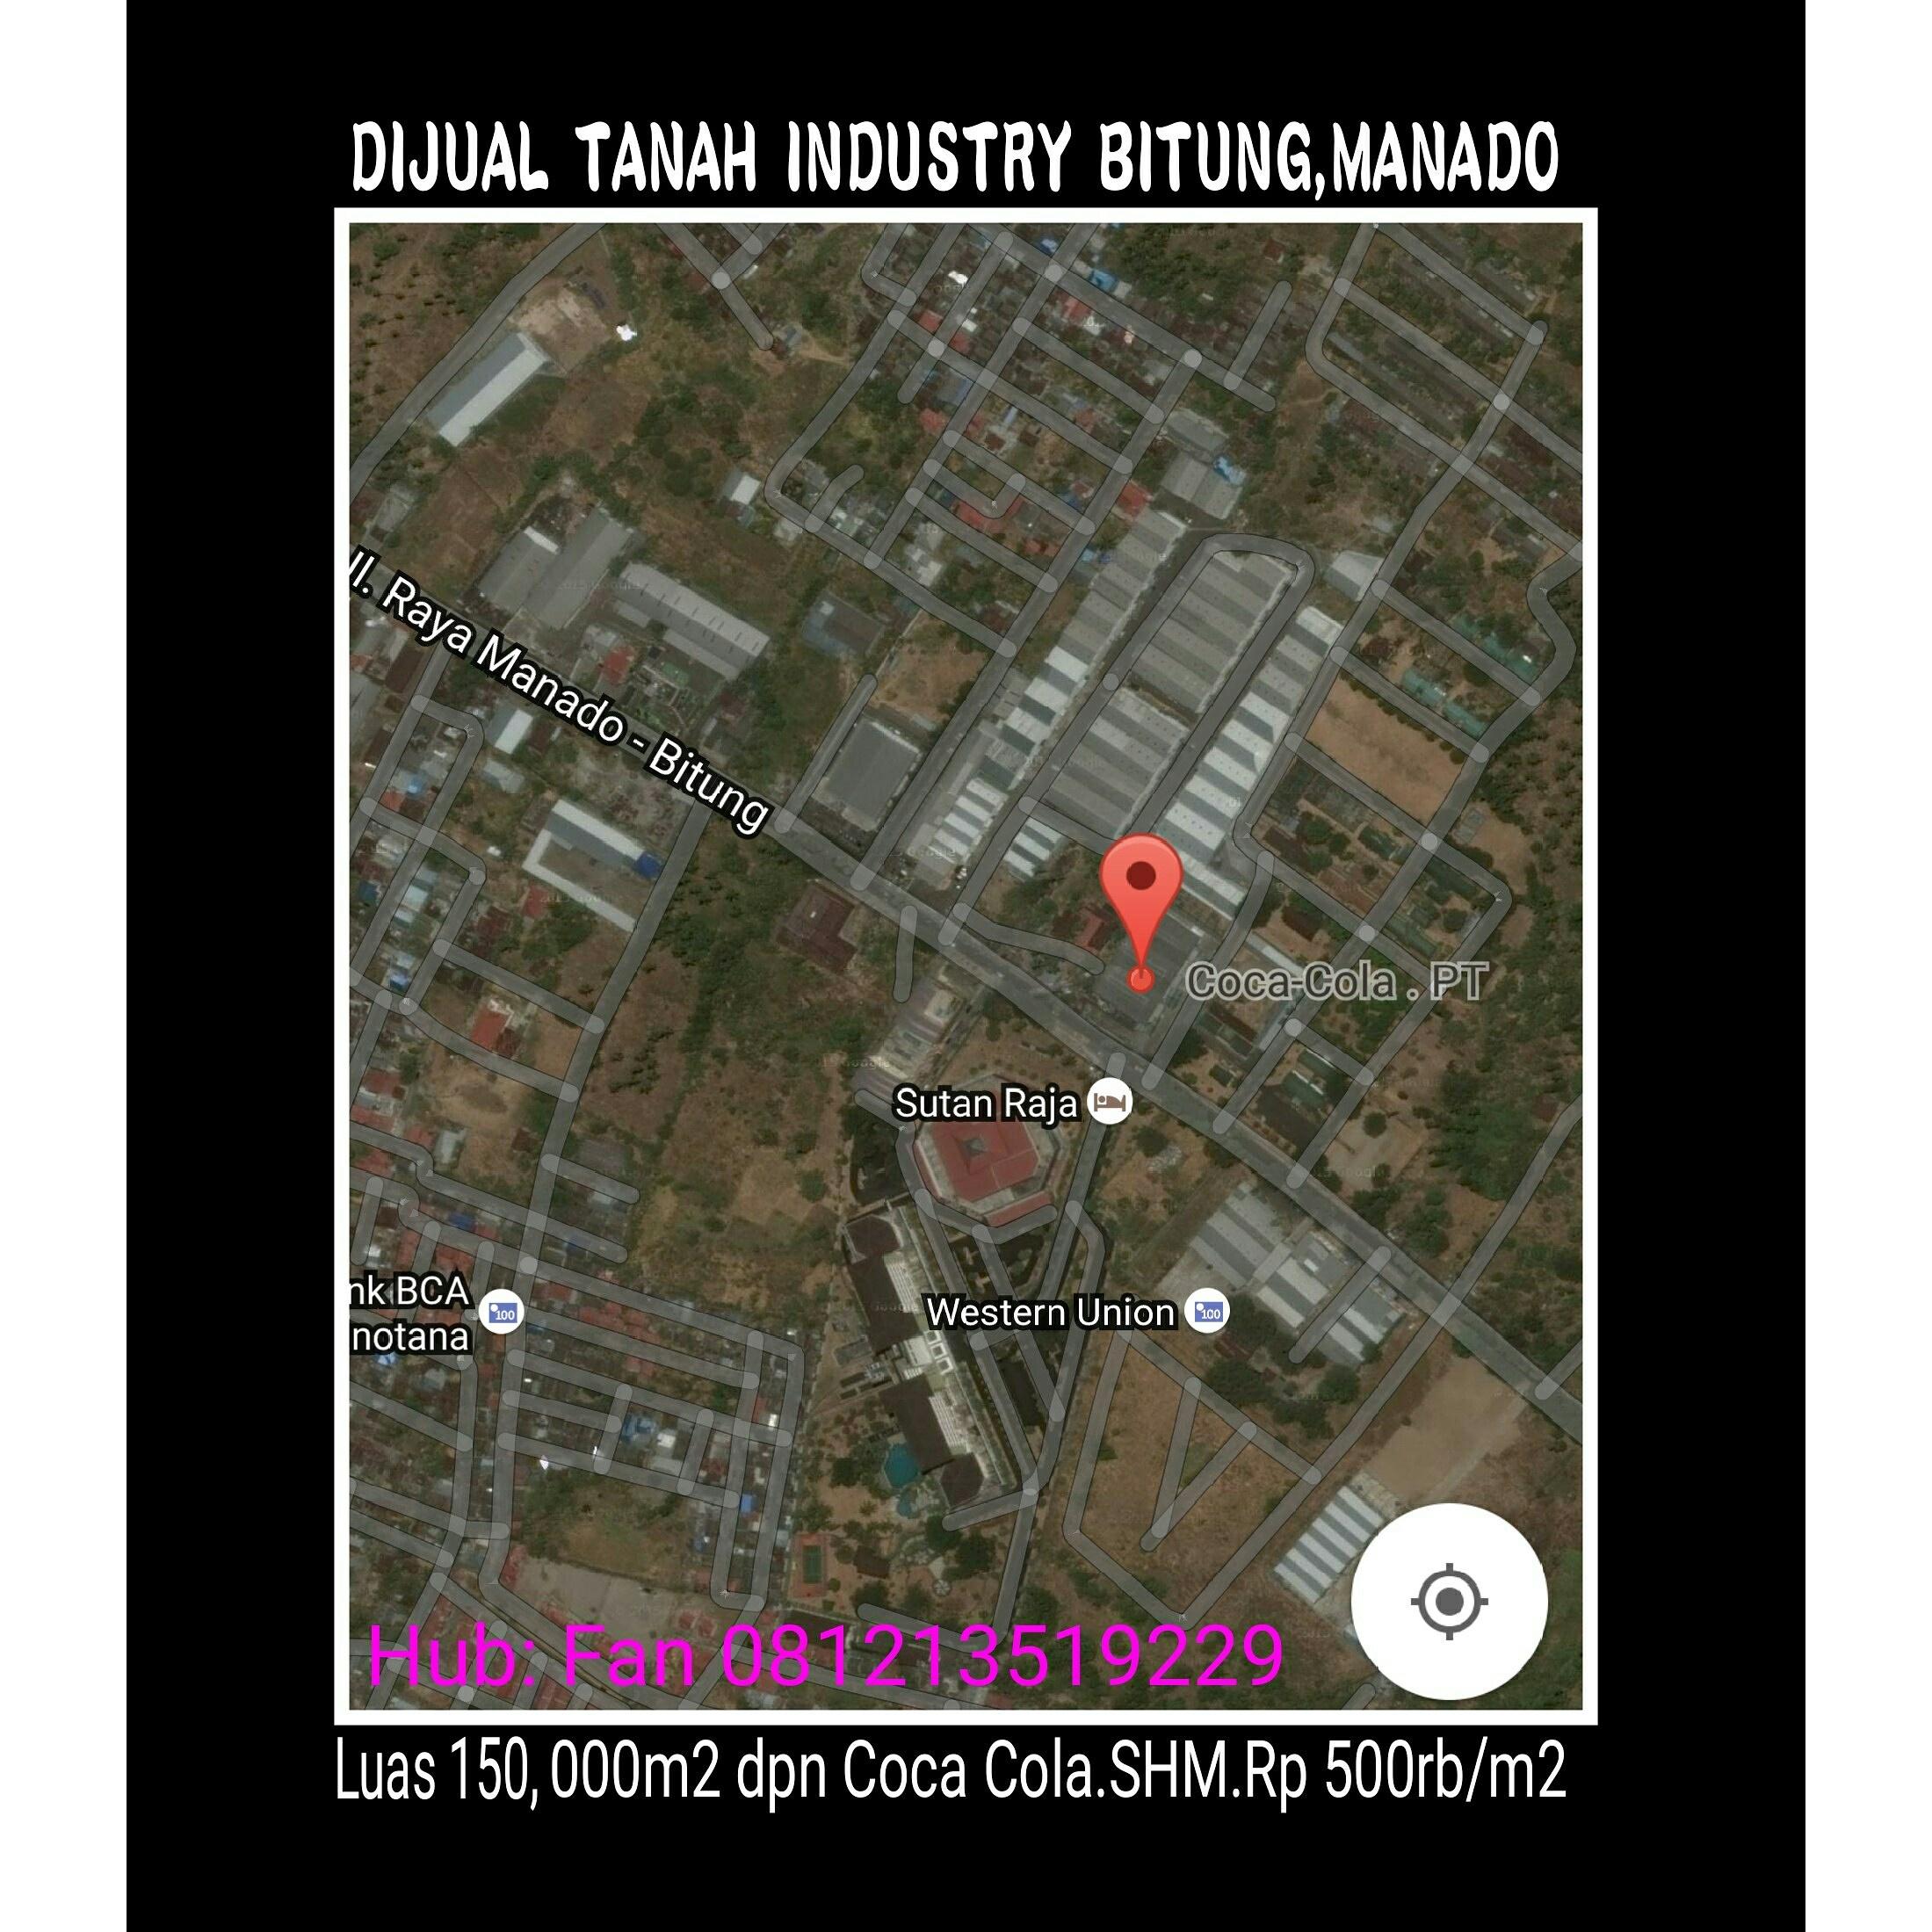 Tanah Industry Bitung Manado